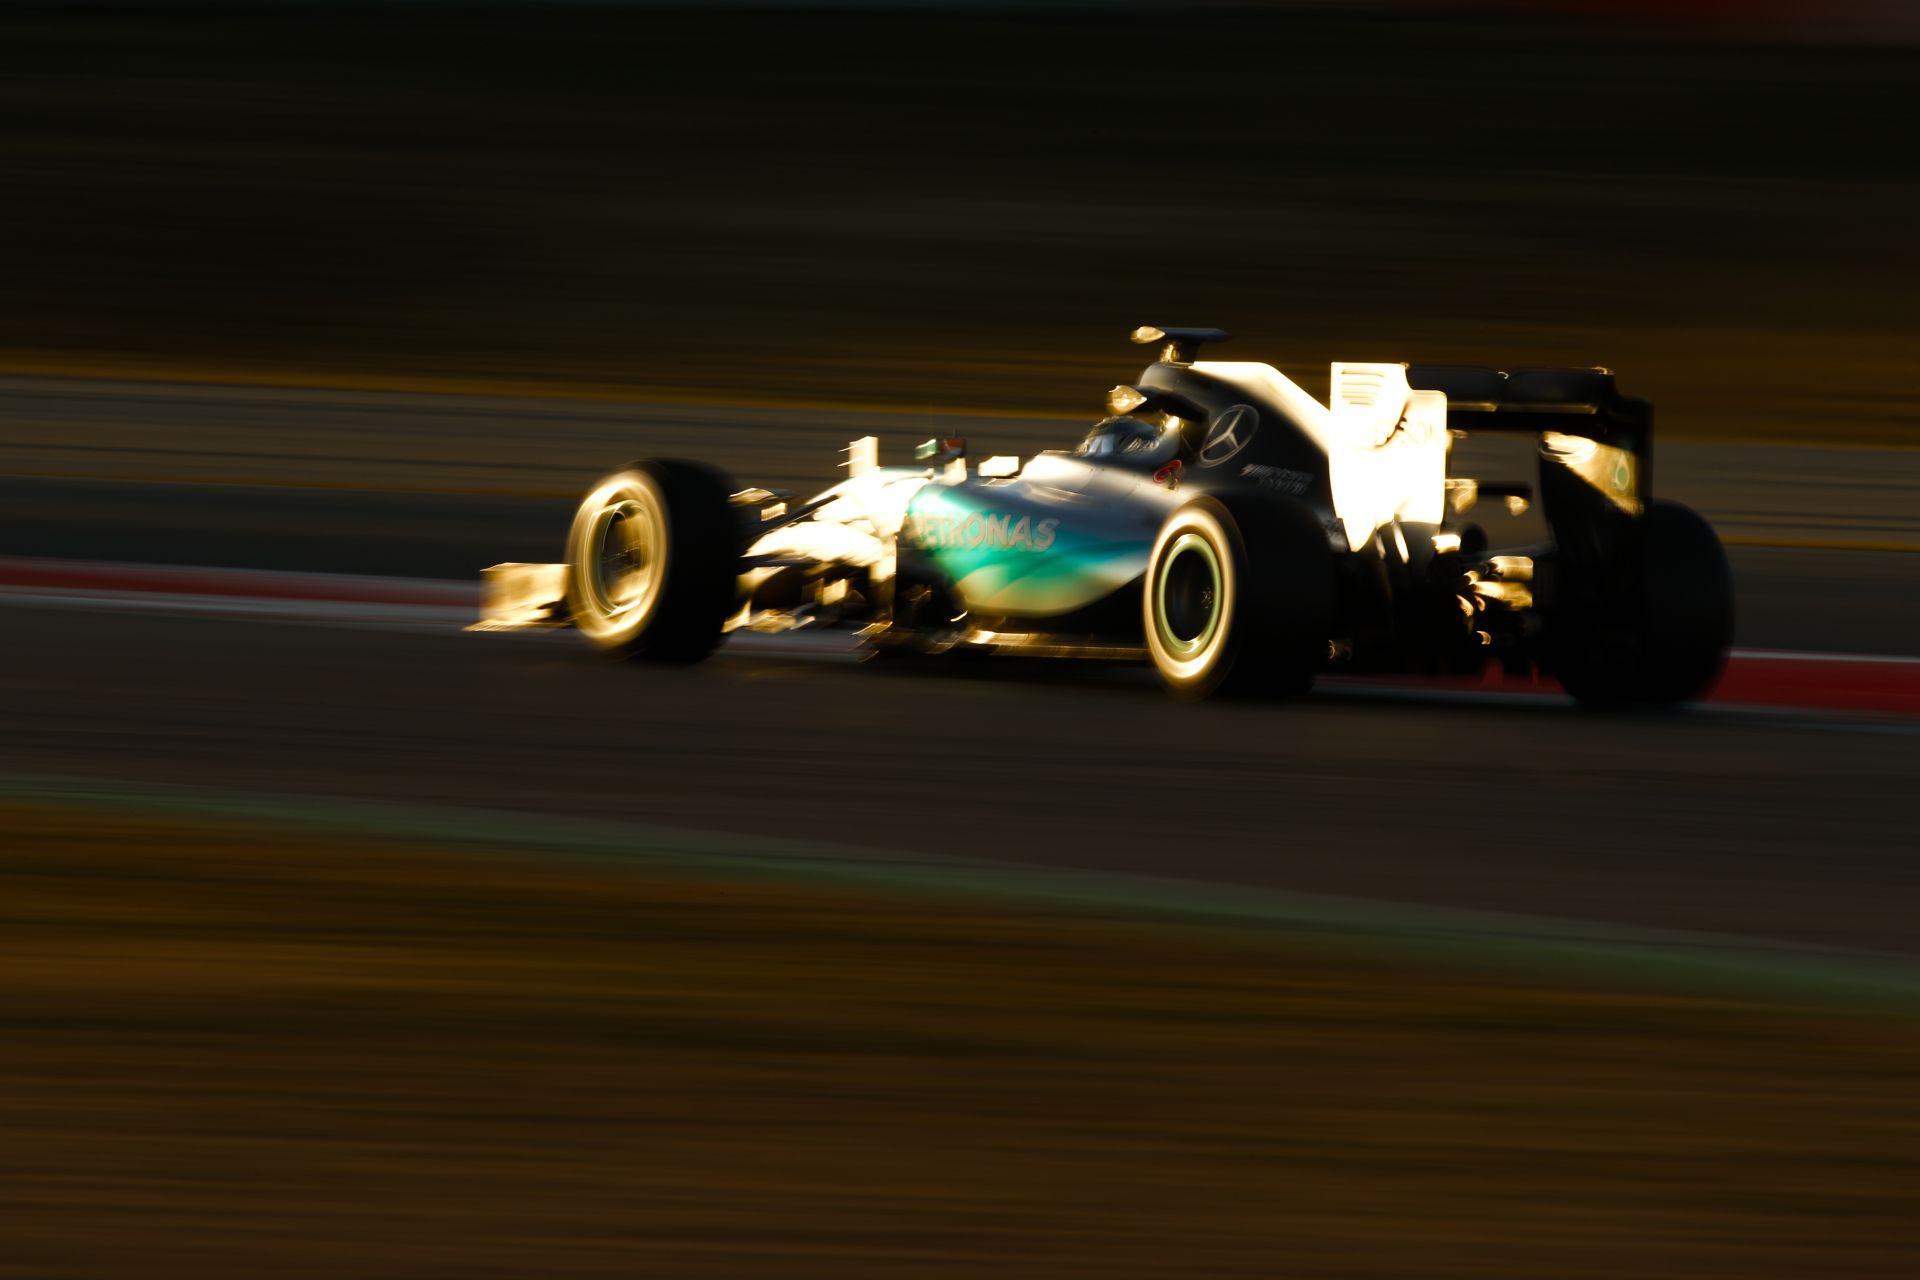 Űridőkkel verheti rommá a mezőnyt a Mercedes